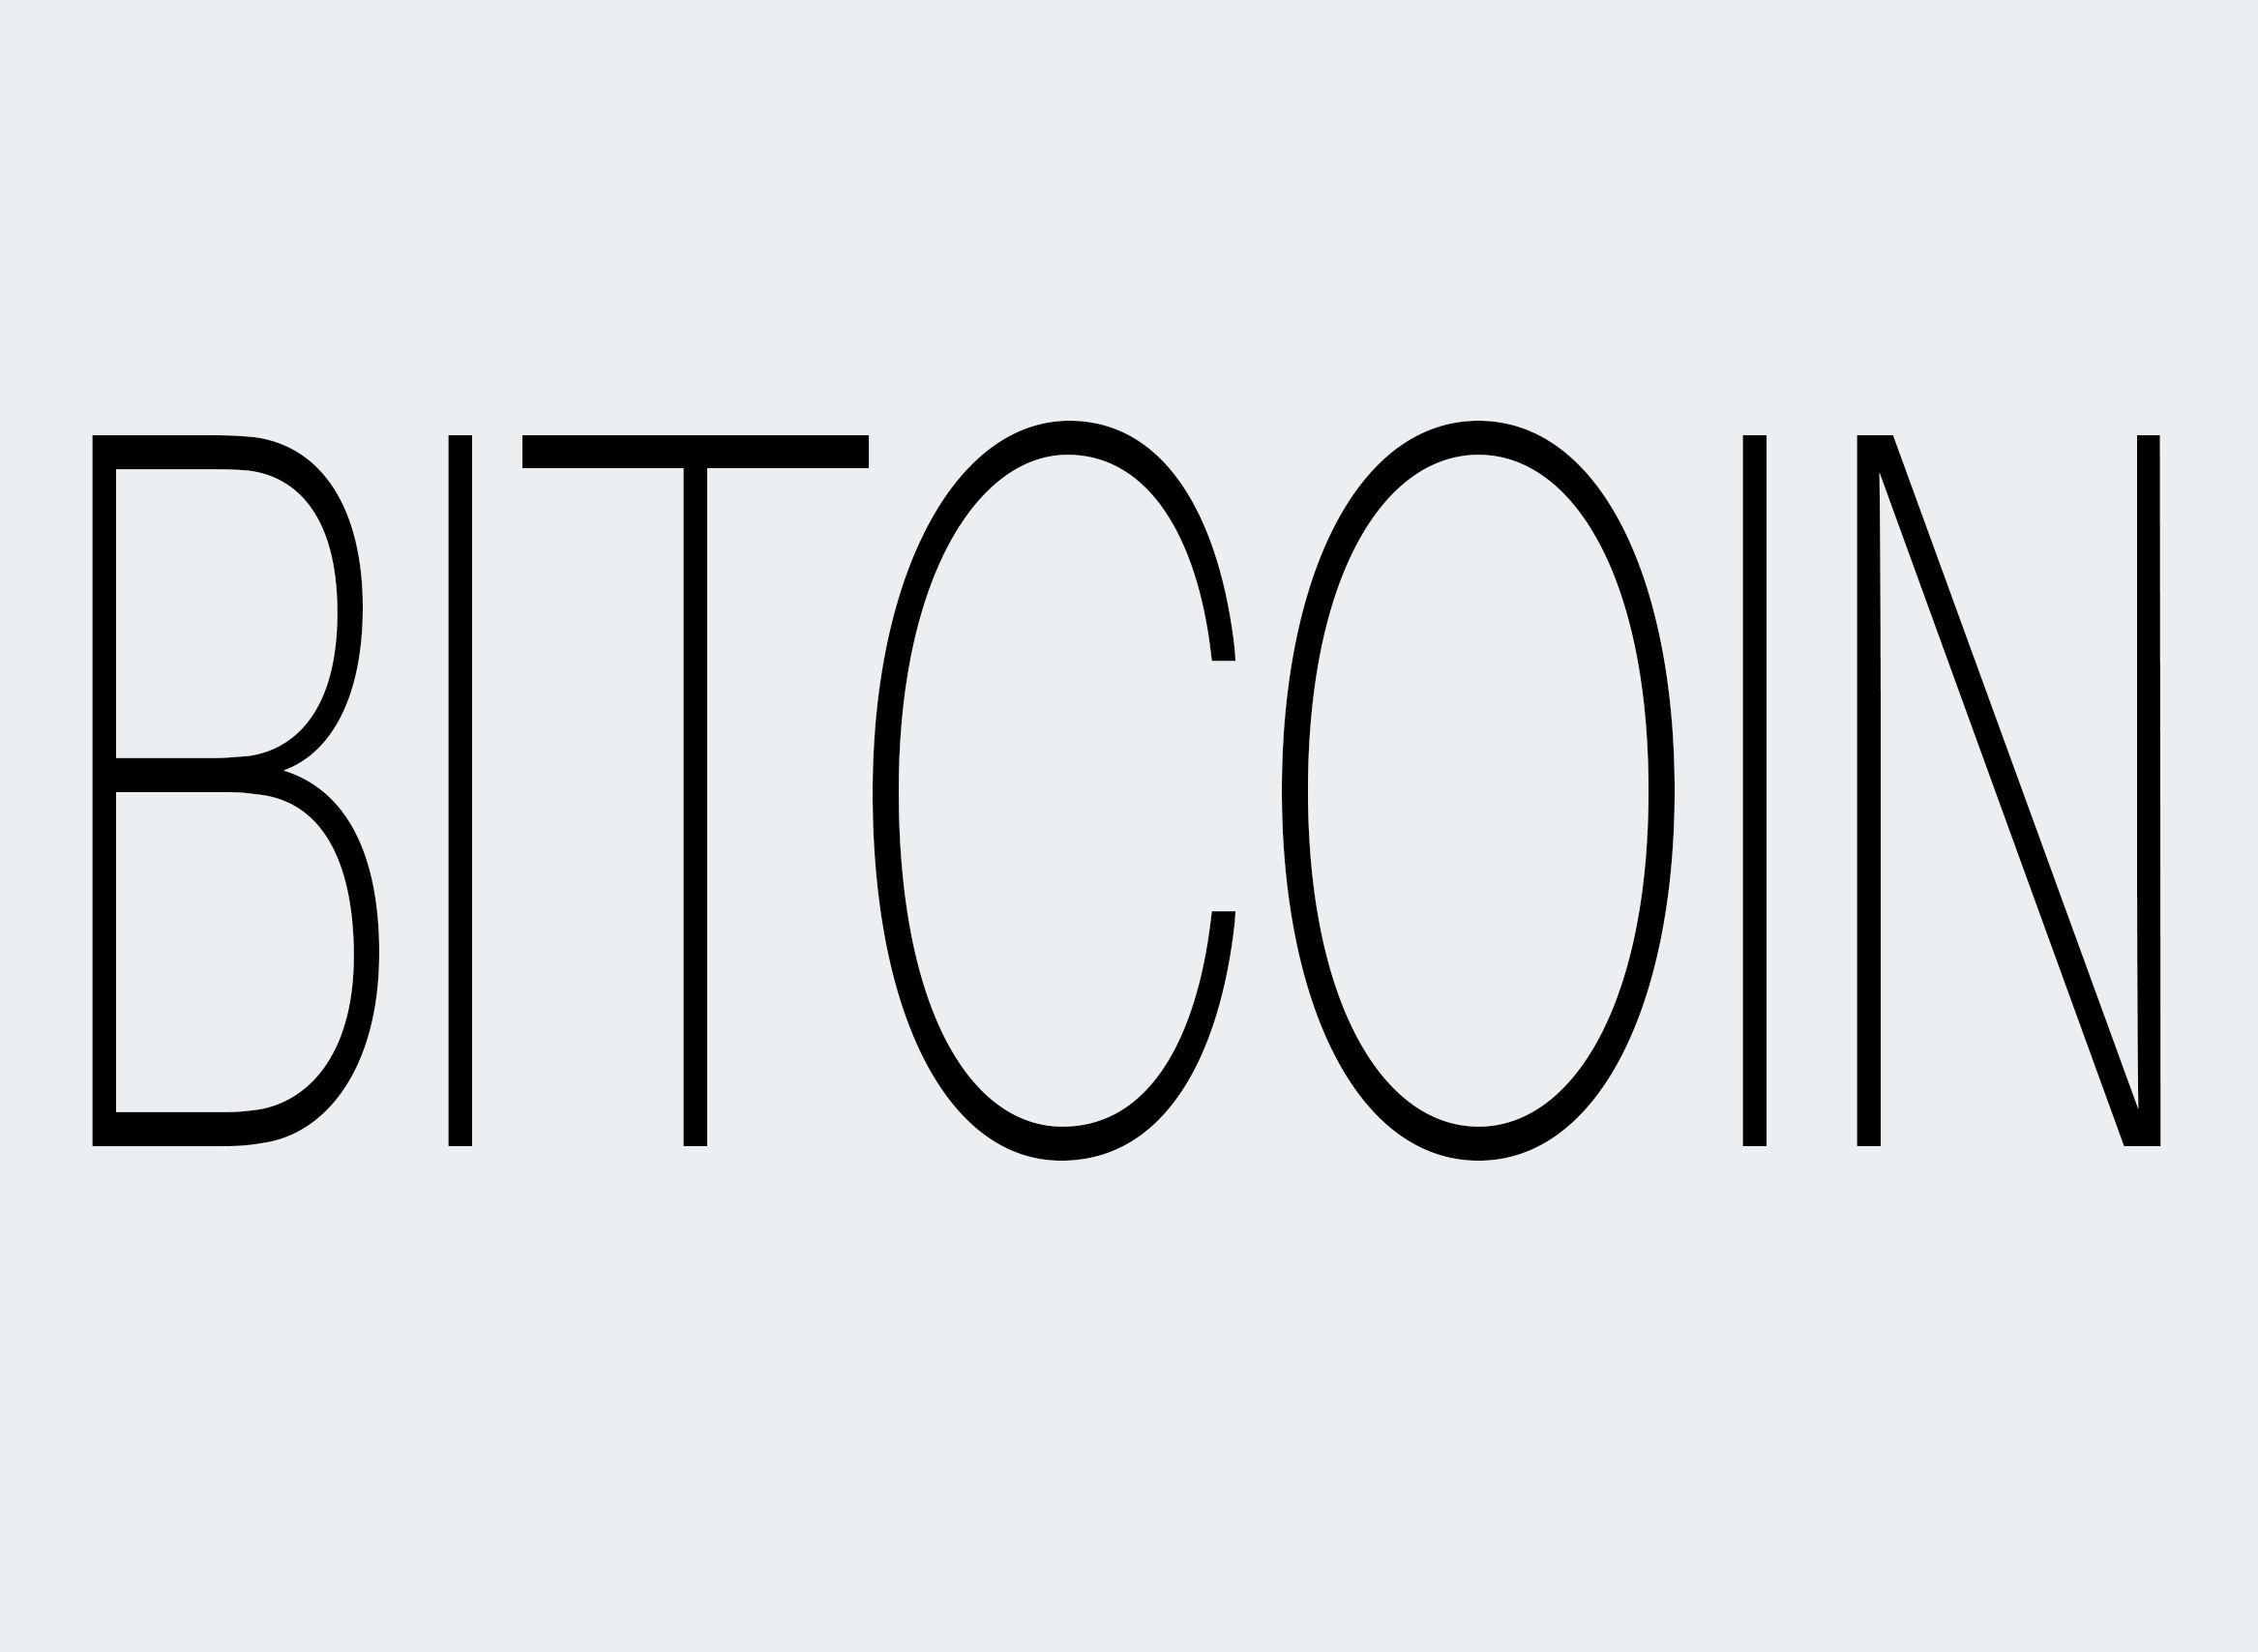 ninjatrader brokeraj bitcoin